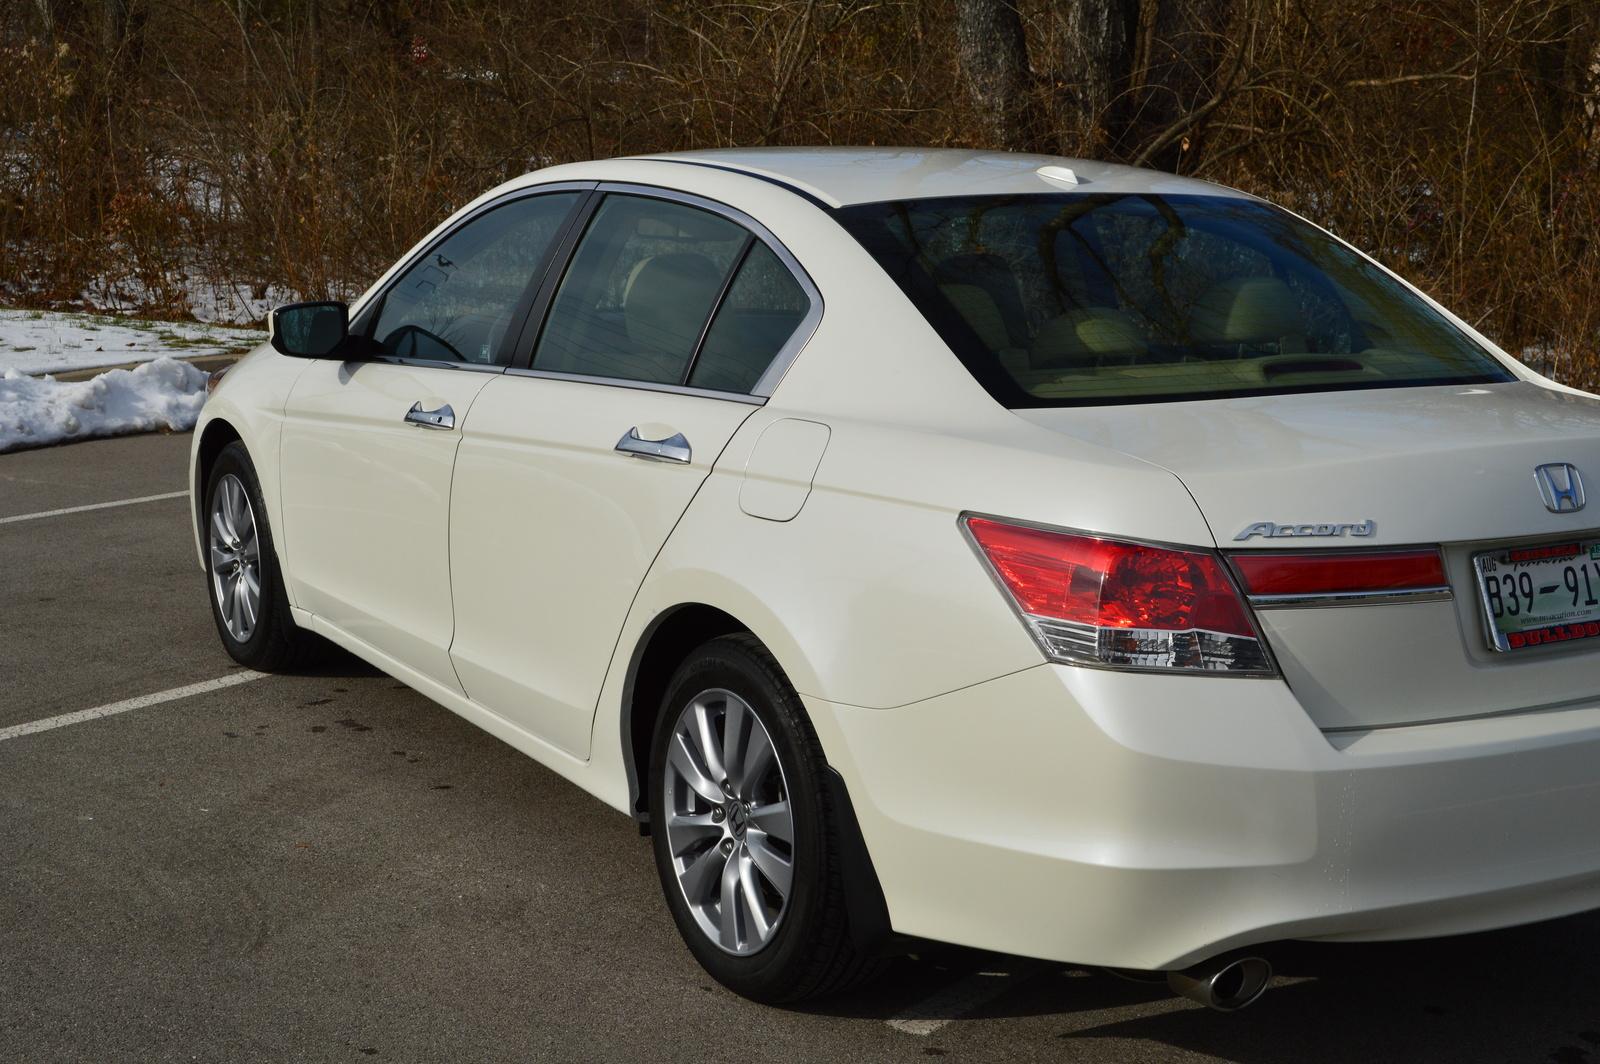 2011 Honda Accord Pictures Cargurus